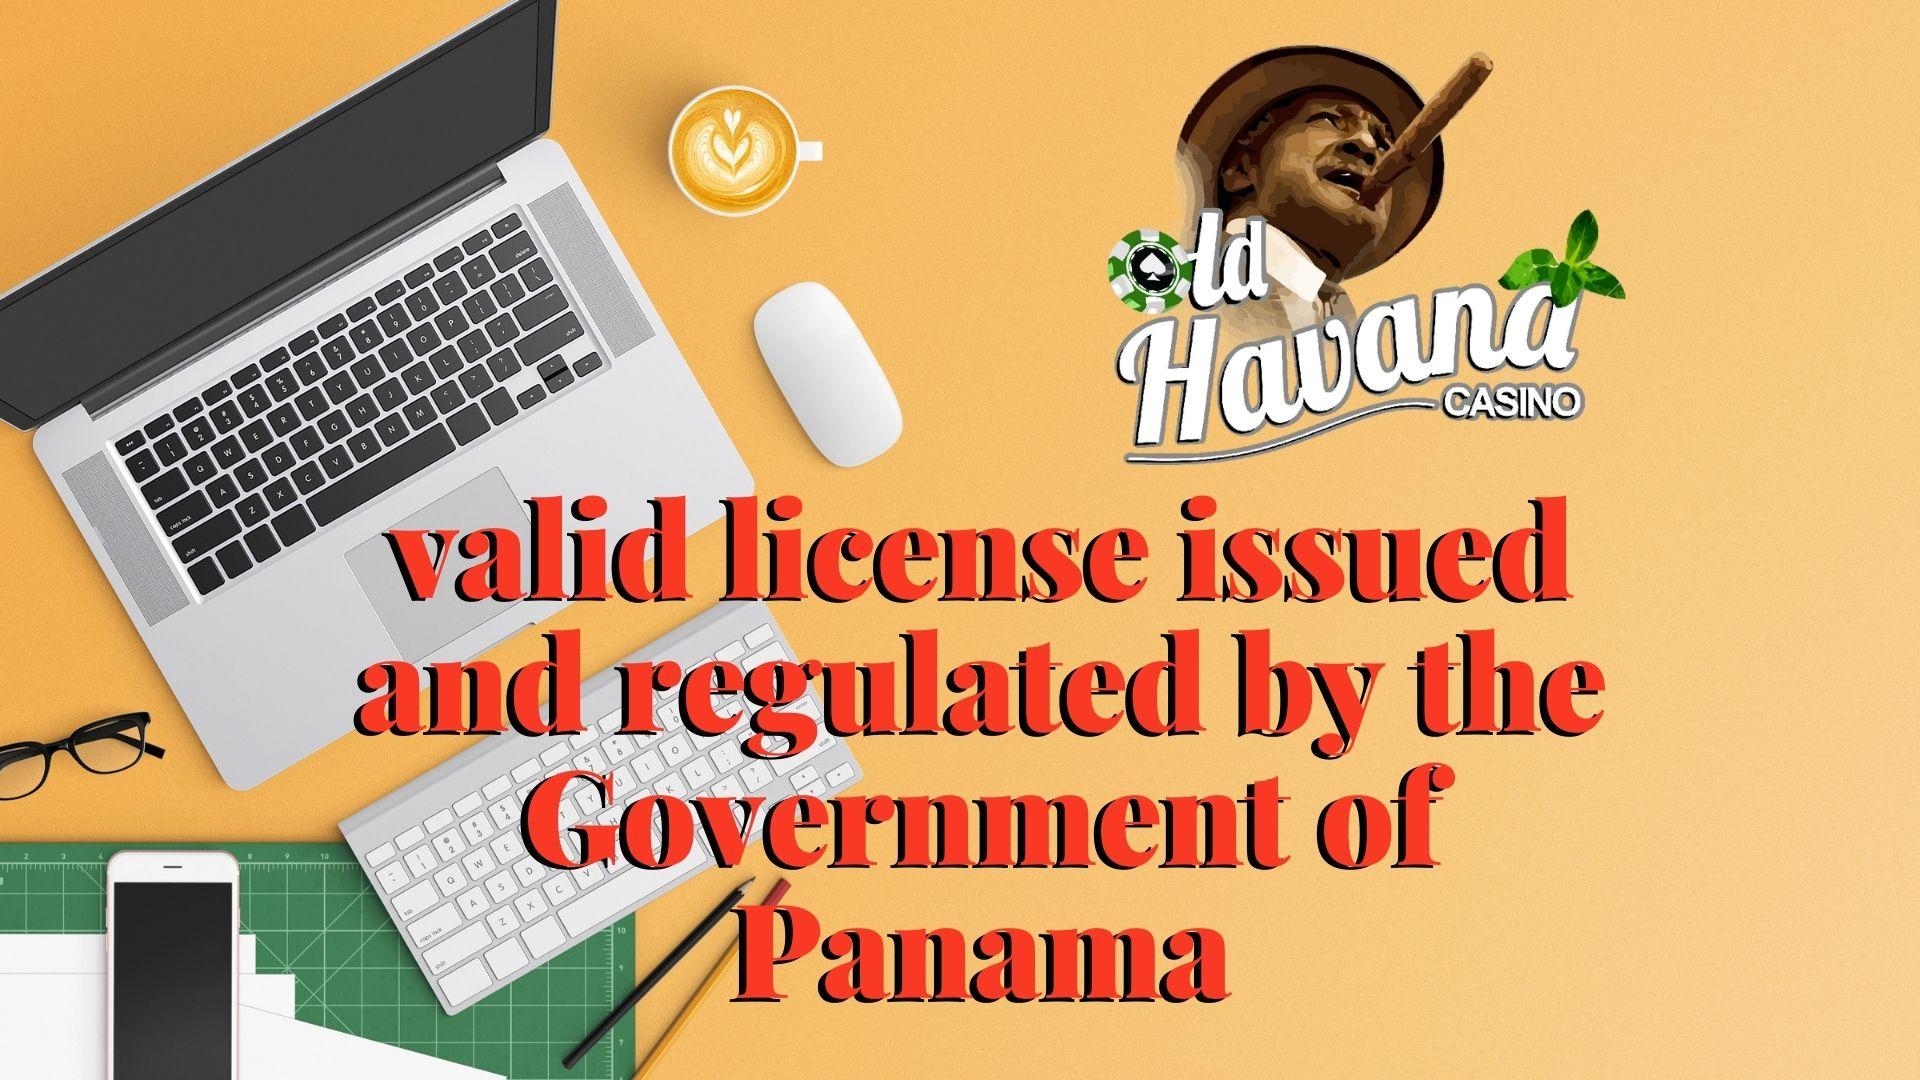 Old Havana Casino License